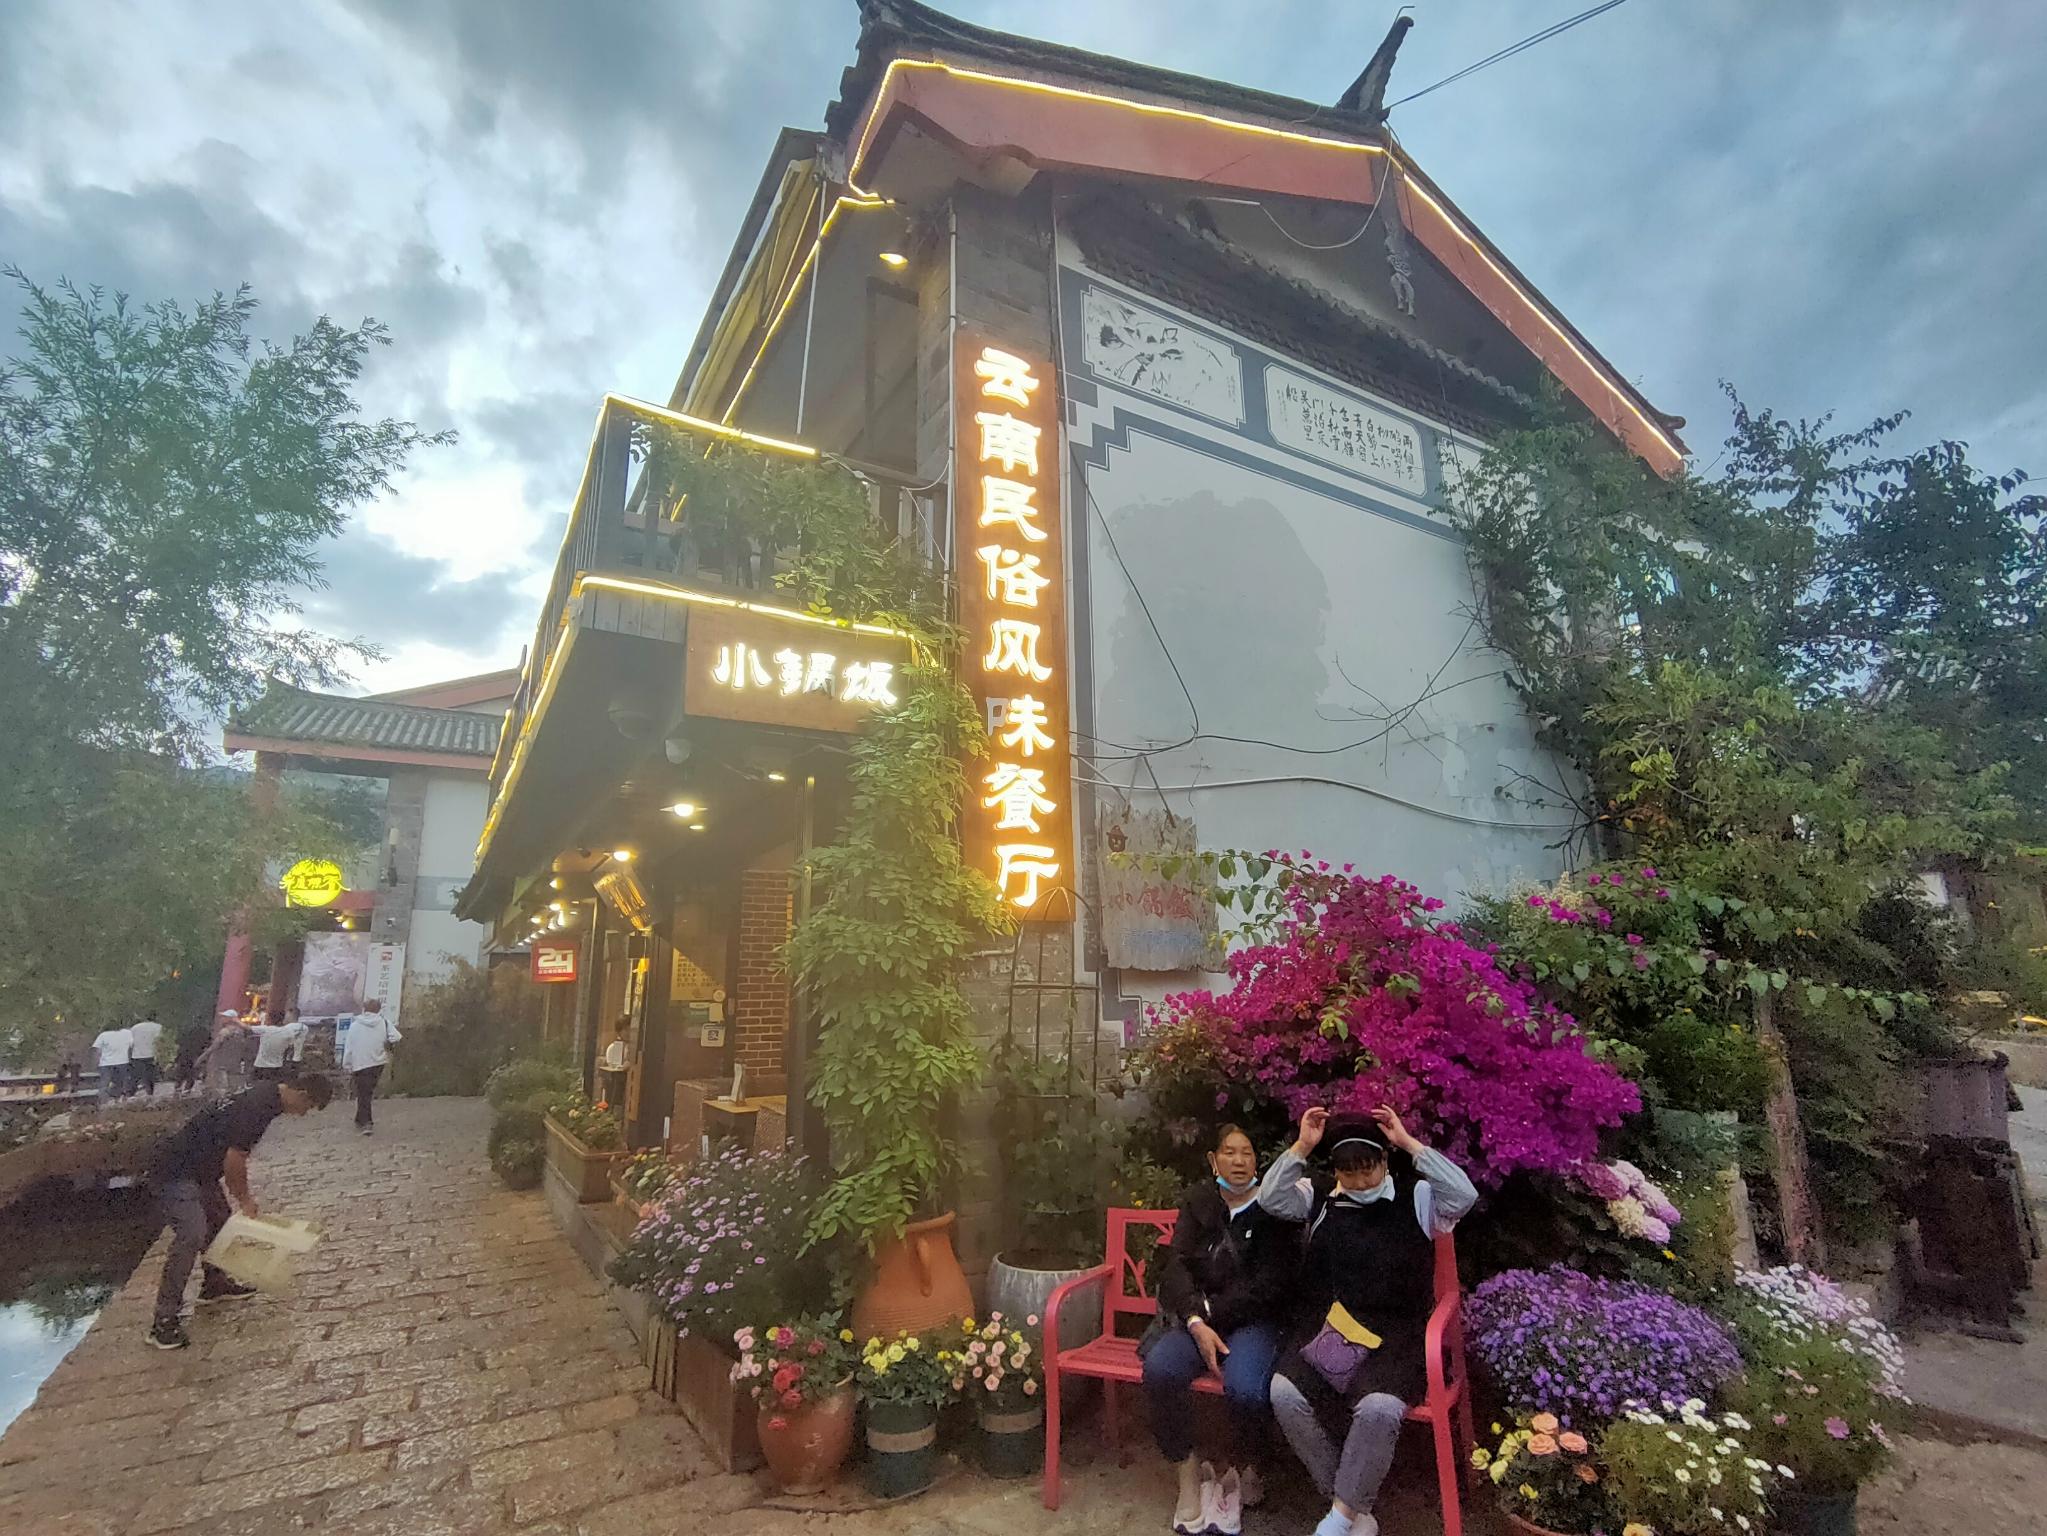 带你去旅行:丽江—泸沽湖—香格里拉